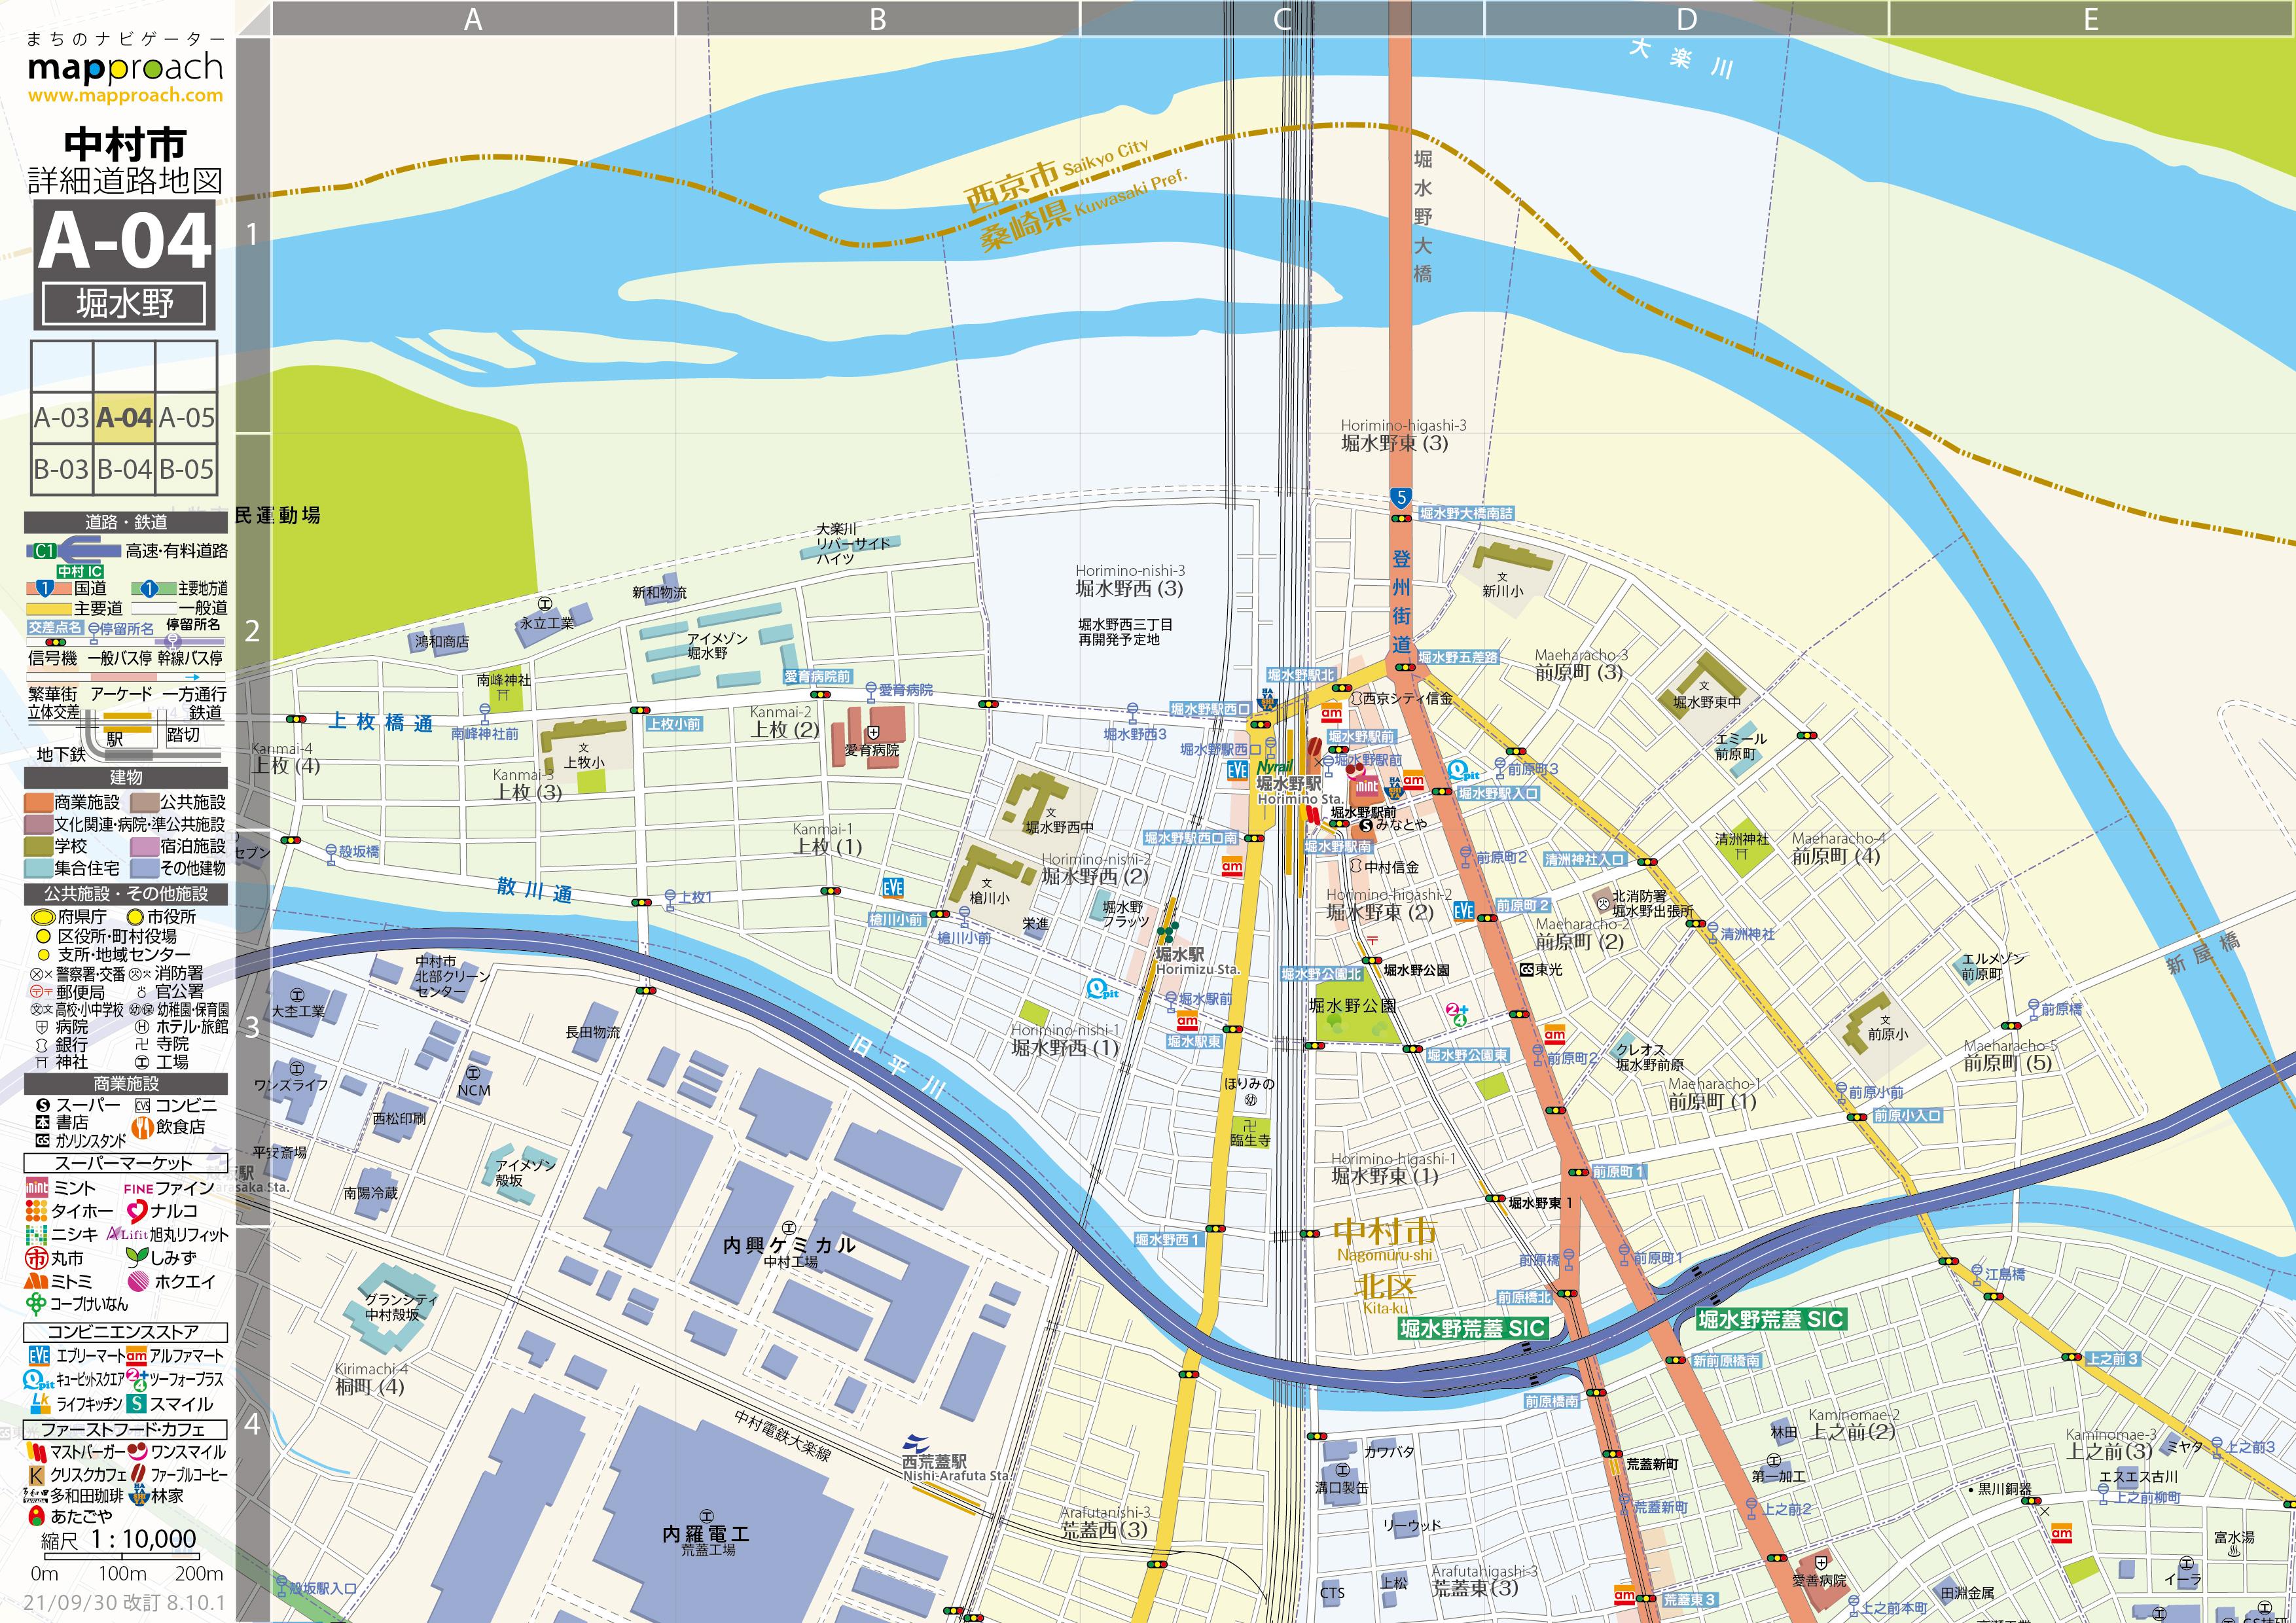 A-04 堀水野 地図拡大